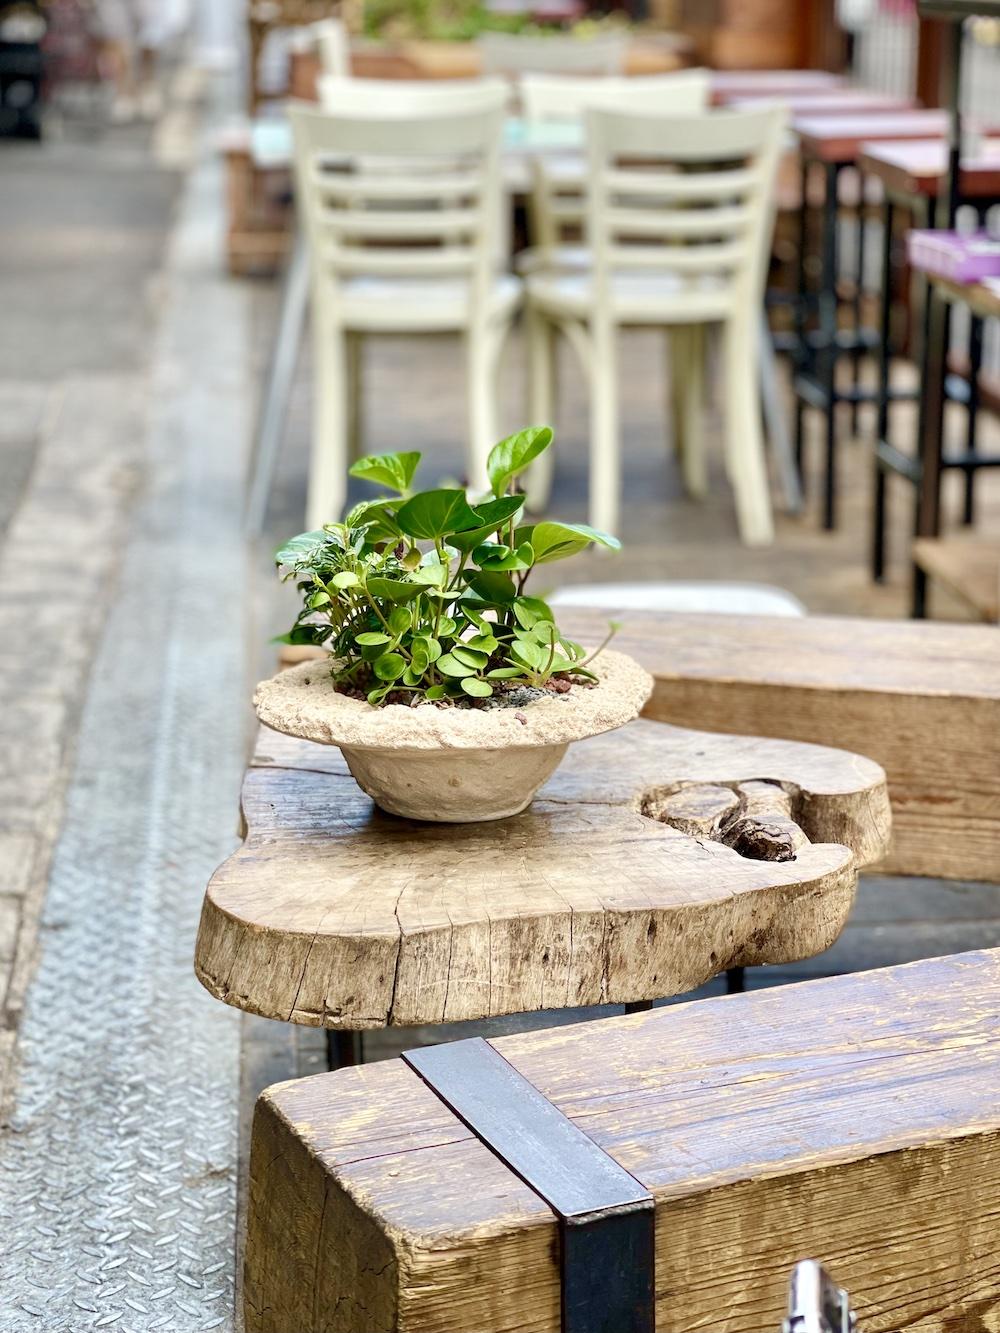 ישיבה מסעדת שוק פיצרייה תלפיות חיפה